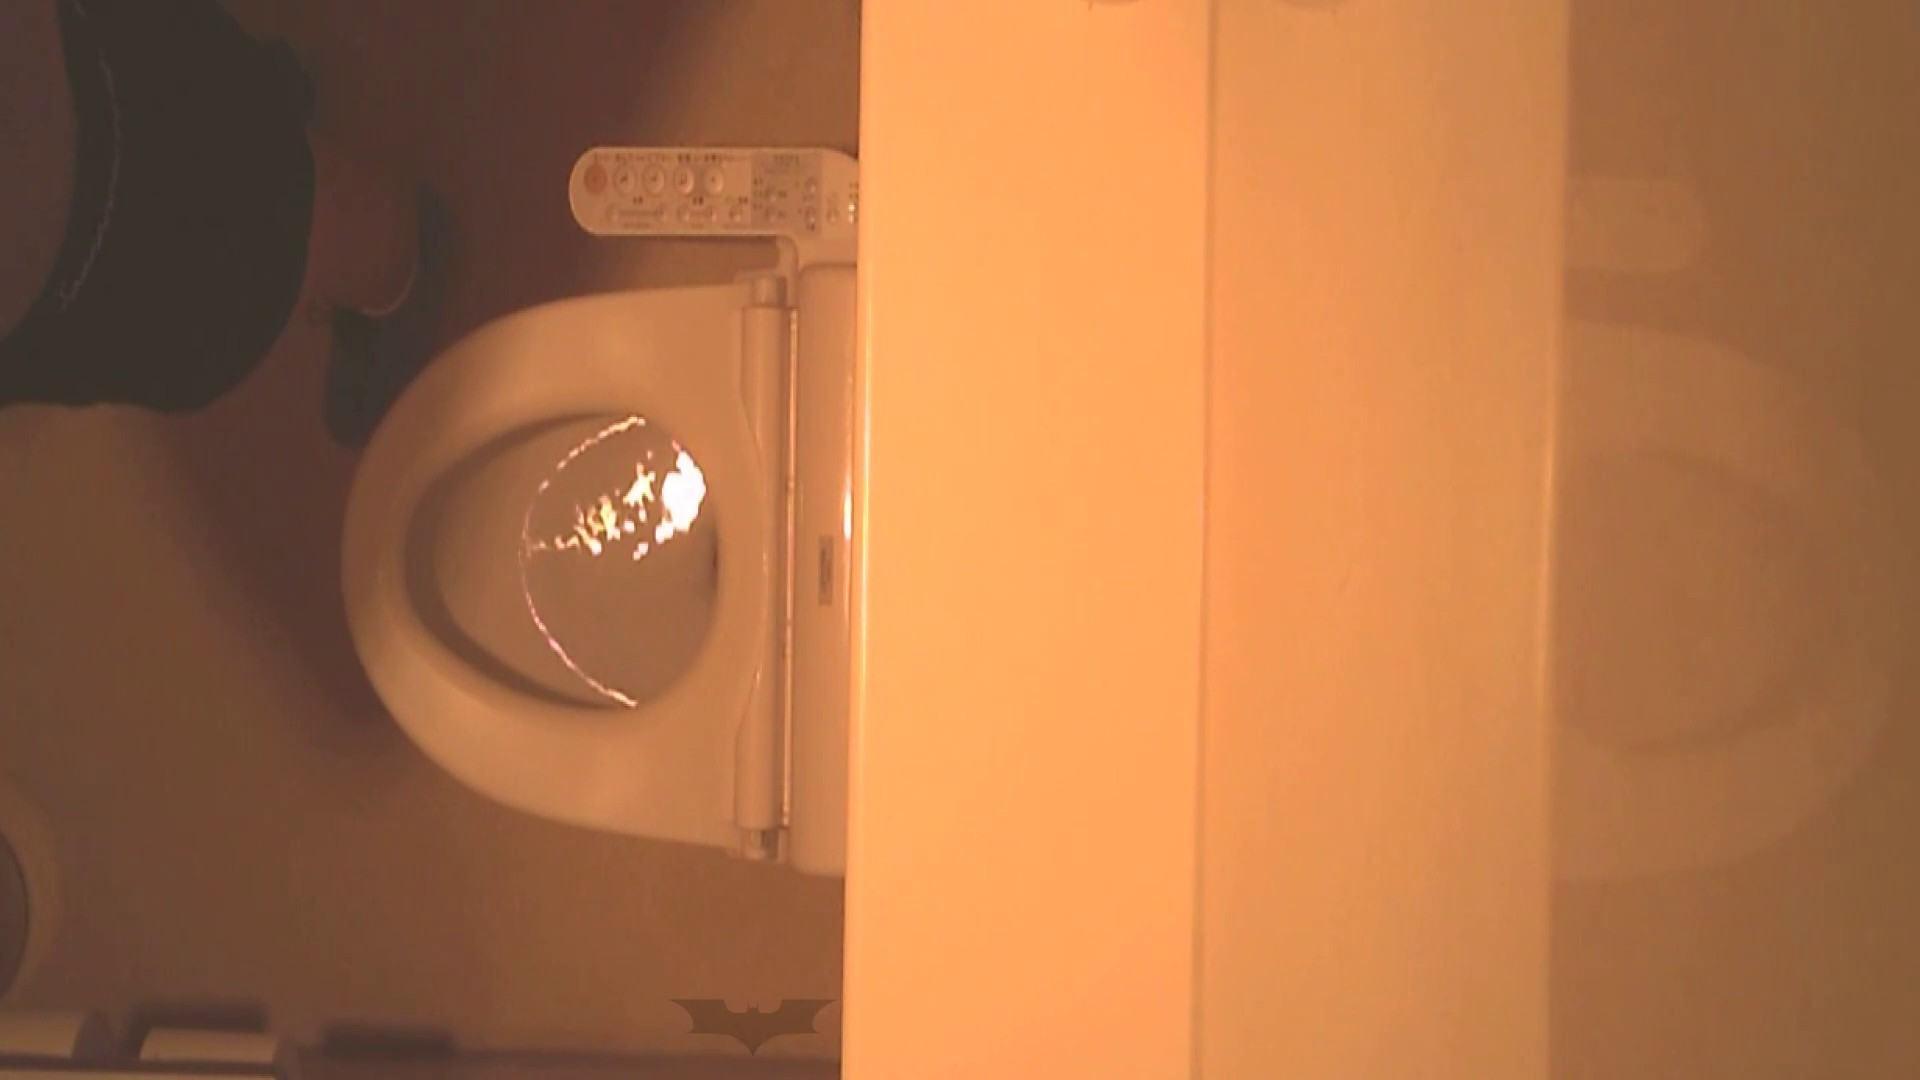 潜入!!全国女子洗面所盗撮 Vol.07 グループ オマンコ無修正動画無料 110画像 103